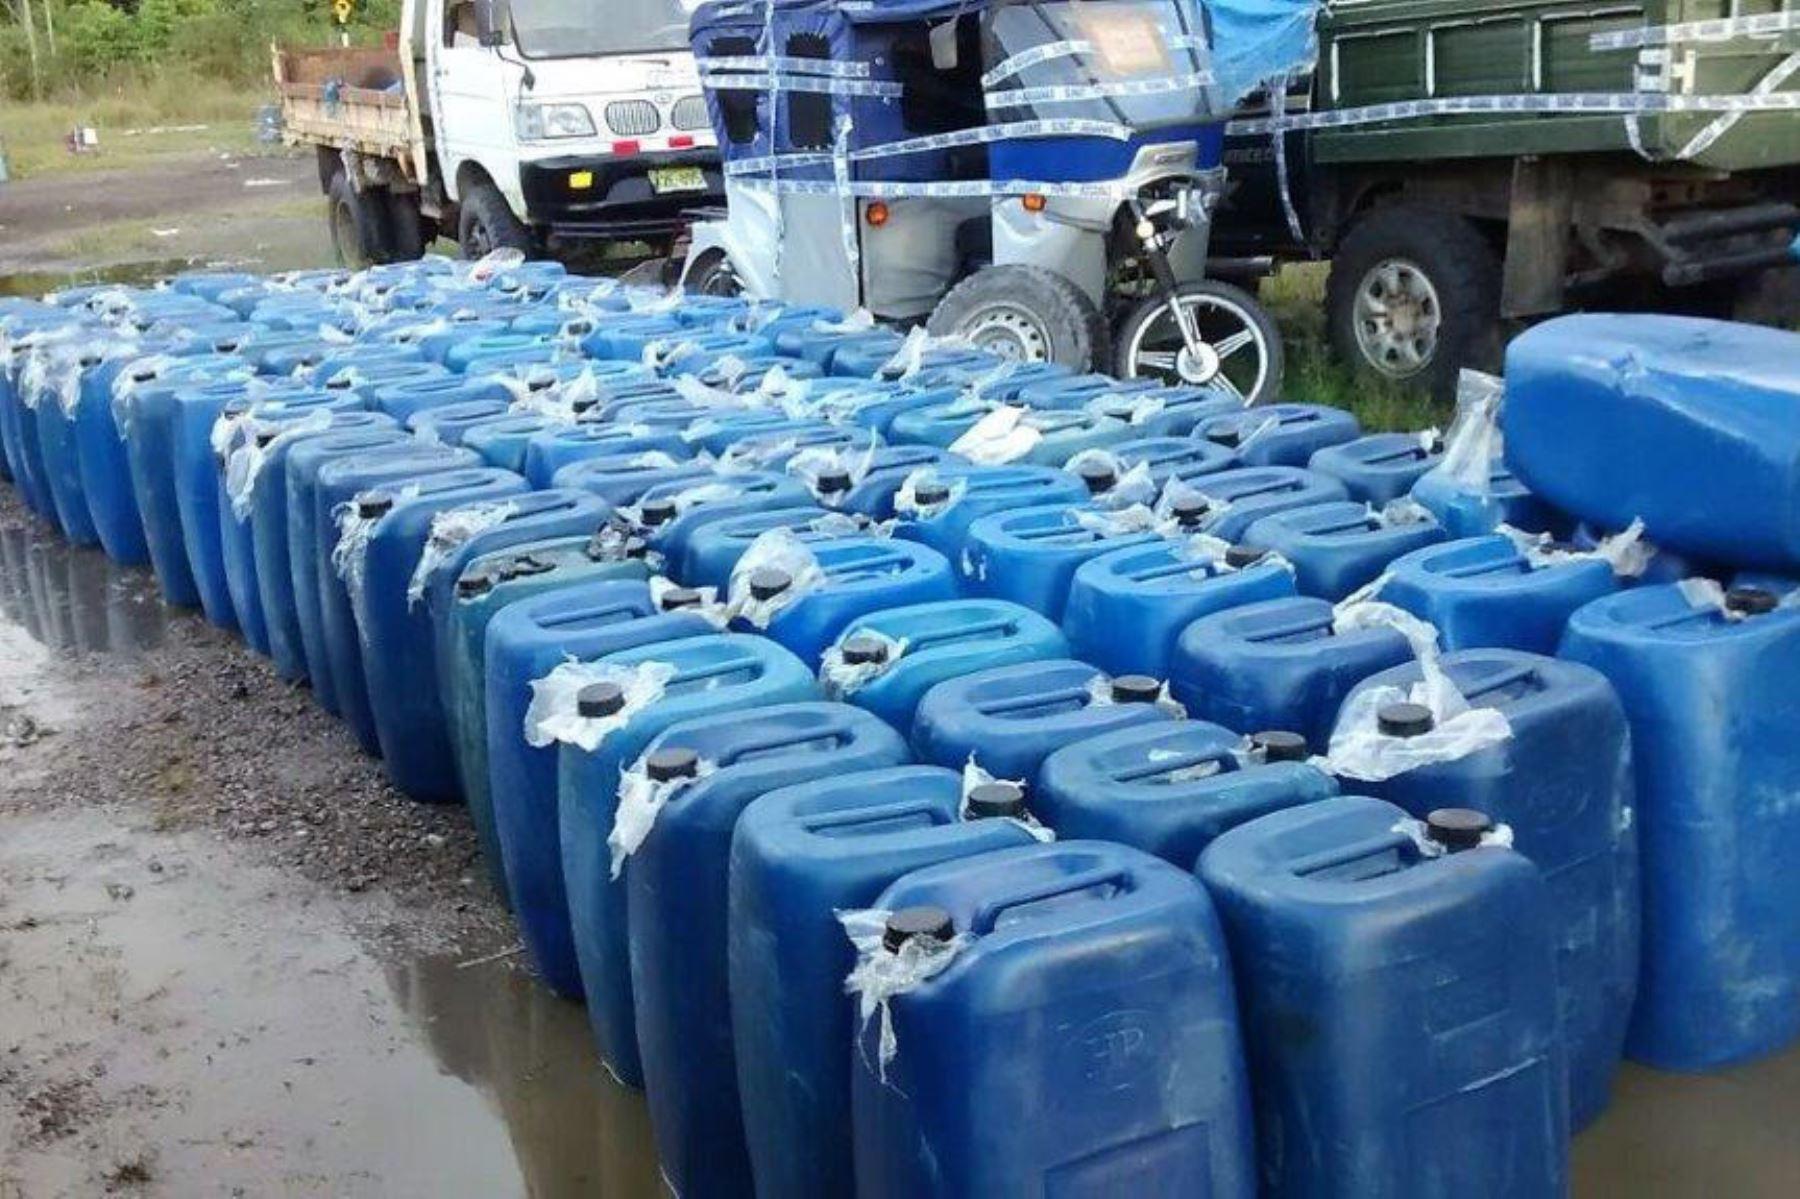 Sunat descubrió diversas formas de ocultar insumos químicos fiscalizados. Foto: Andina/Difusión